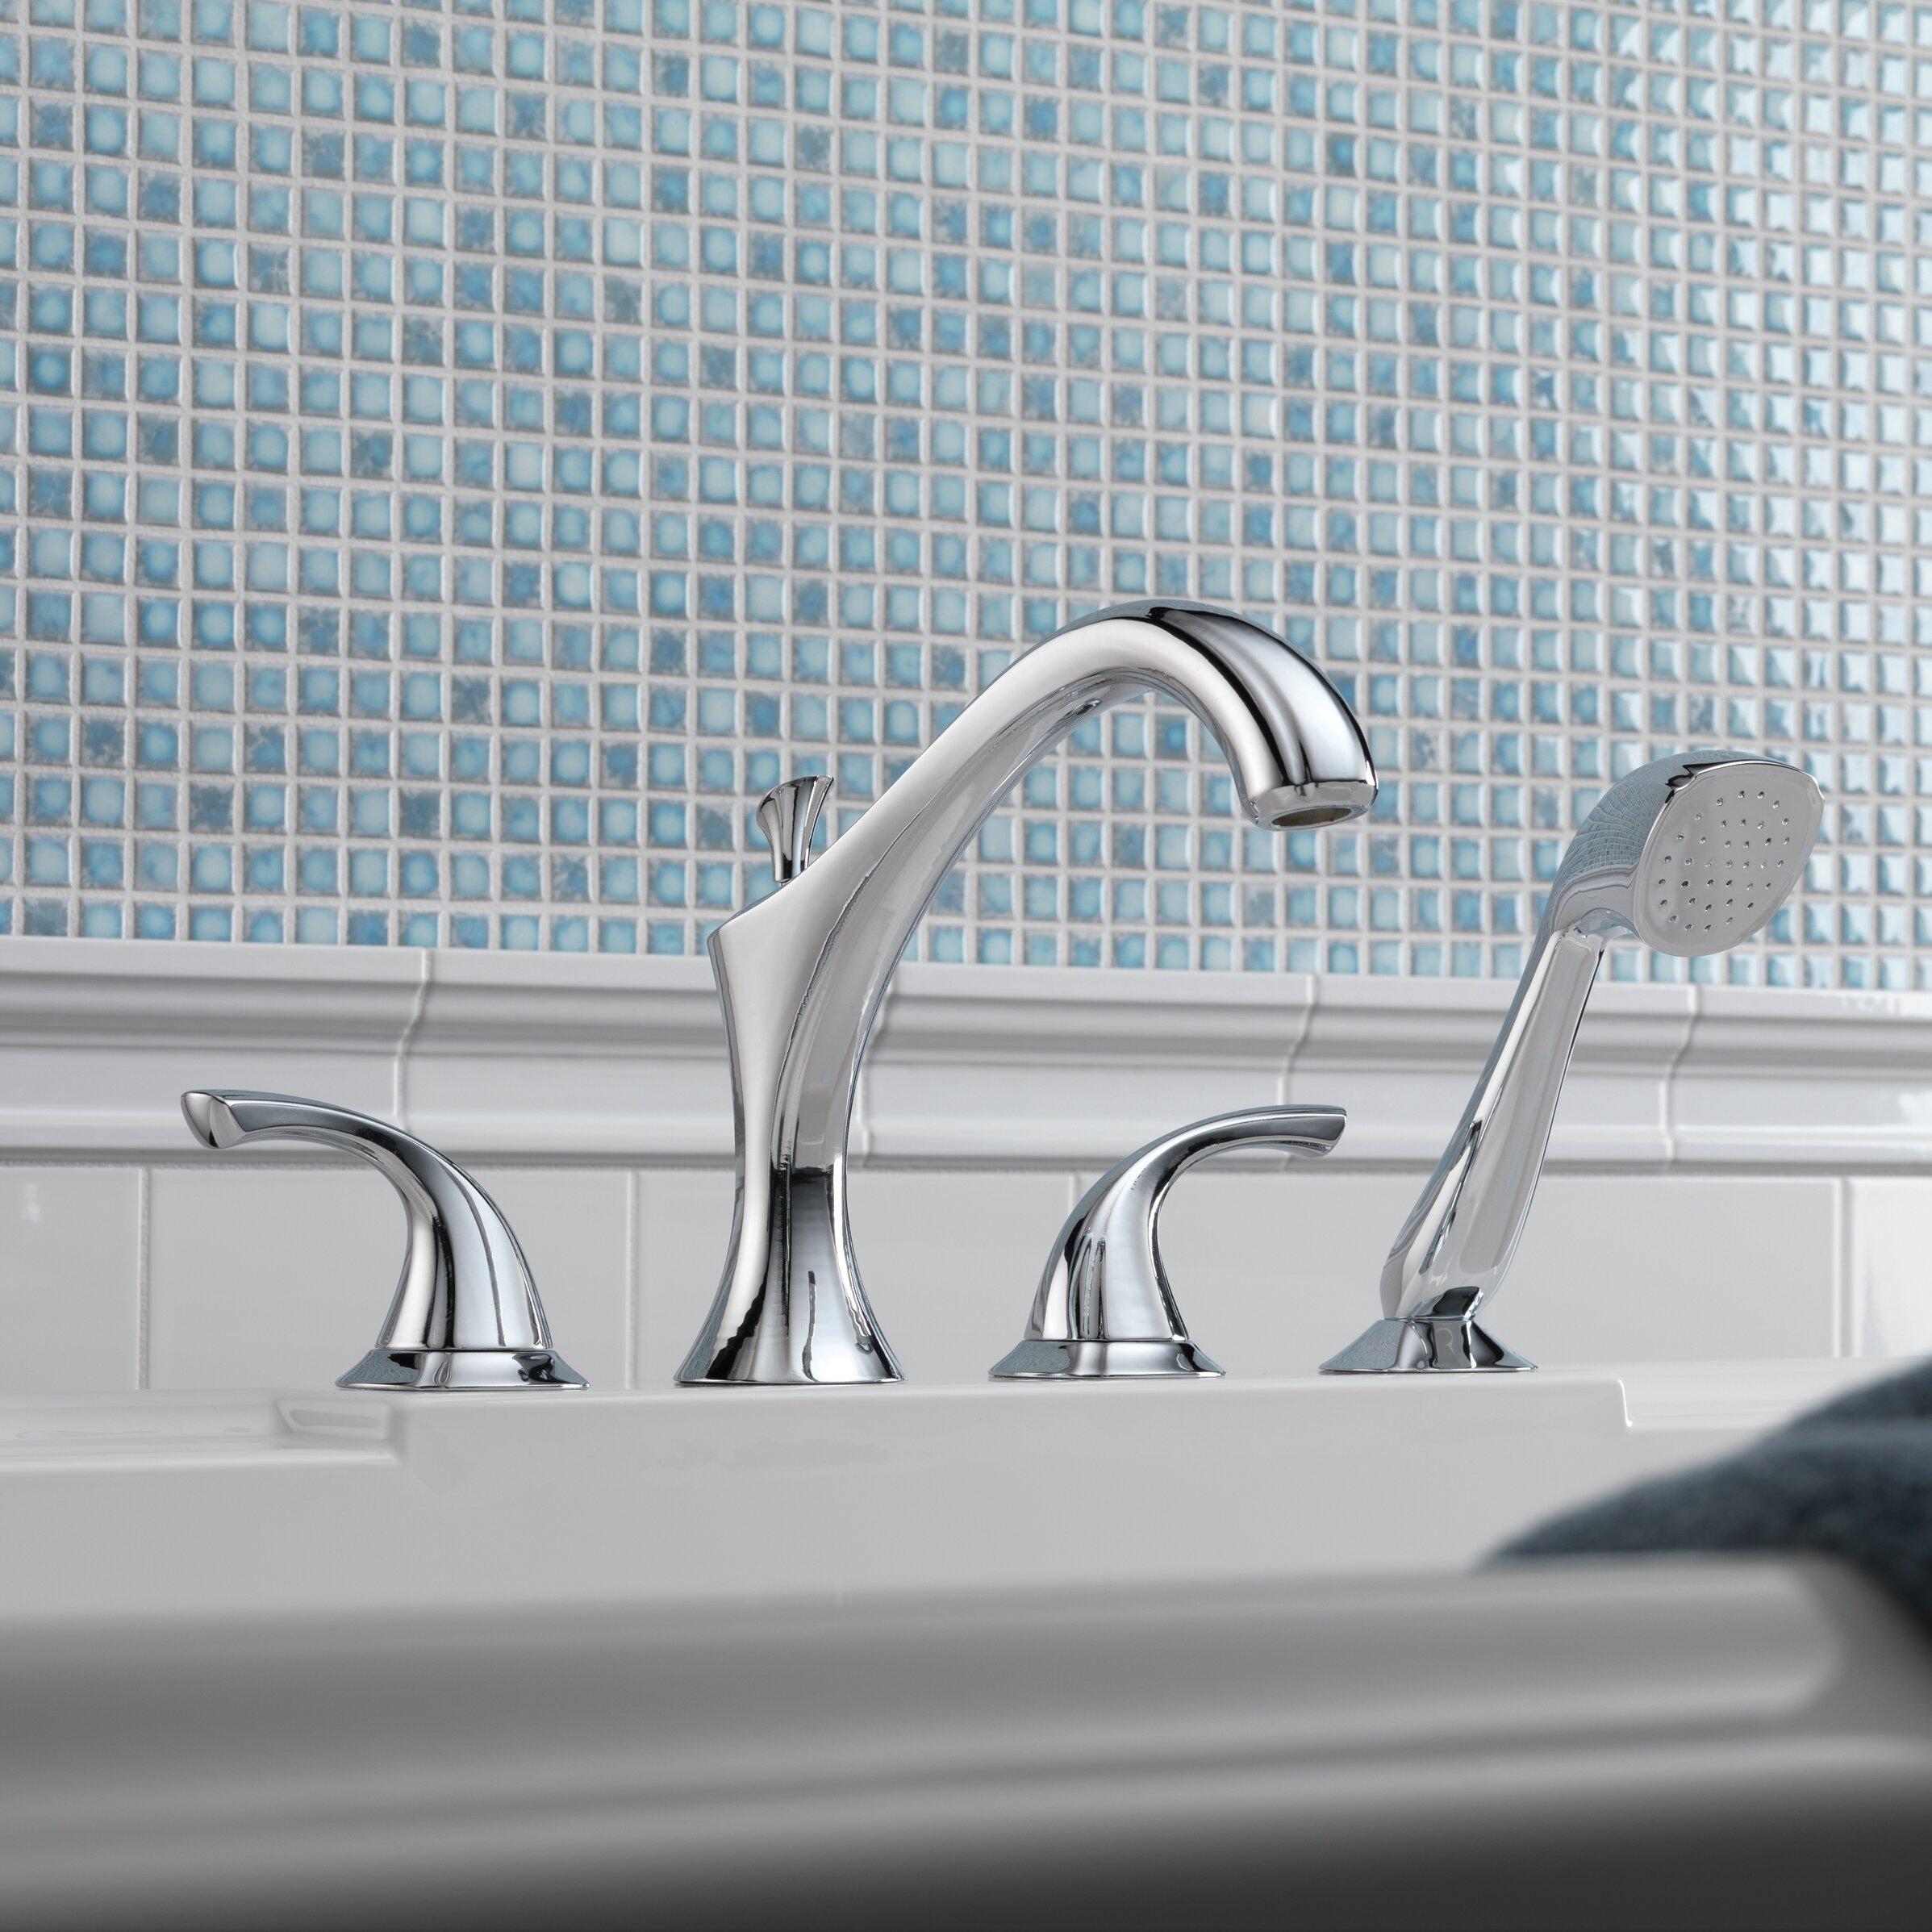 Delta Addison Roman Diverter Tub Faucet Shower Faucet Trim With Hand Shower Reviews